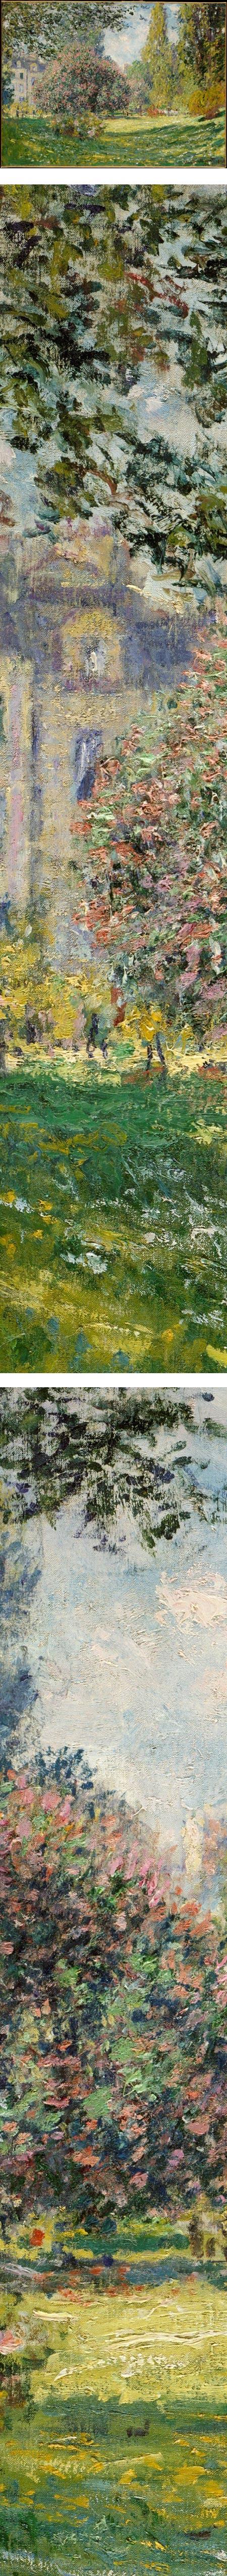 The Parc Monceau, Claude Monet